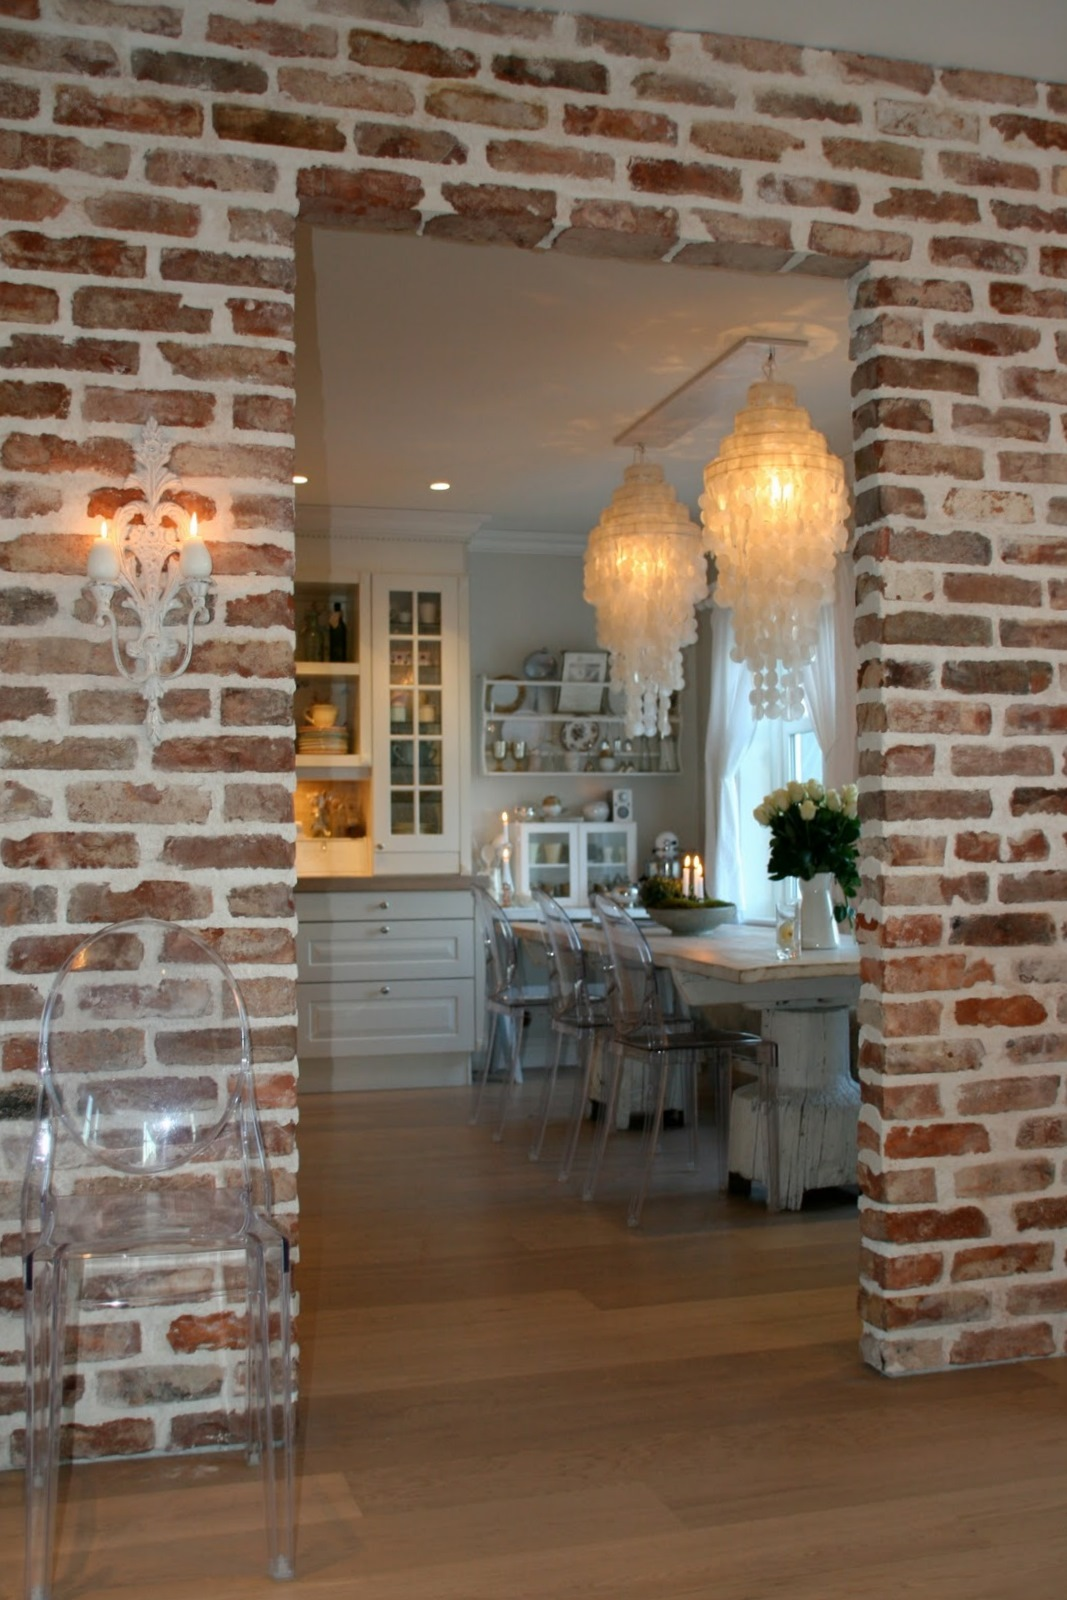 BOISERIE & C.: Shabby Chic Norvegese #986333 1067 1600 Cucine Stile Norvegese